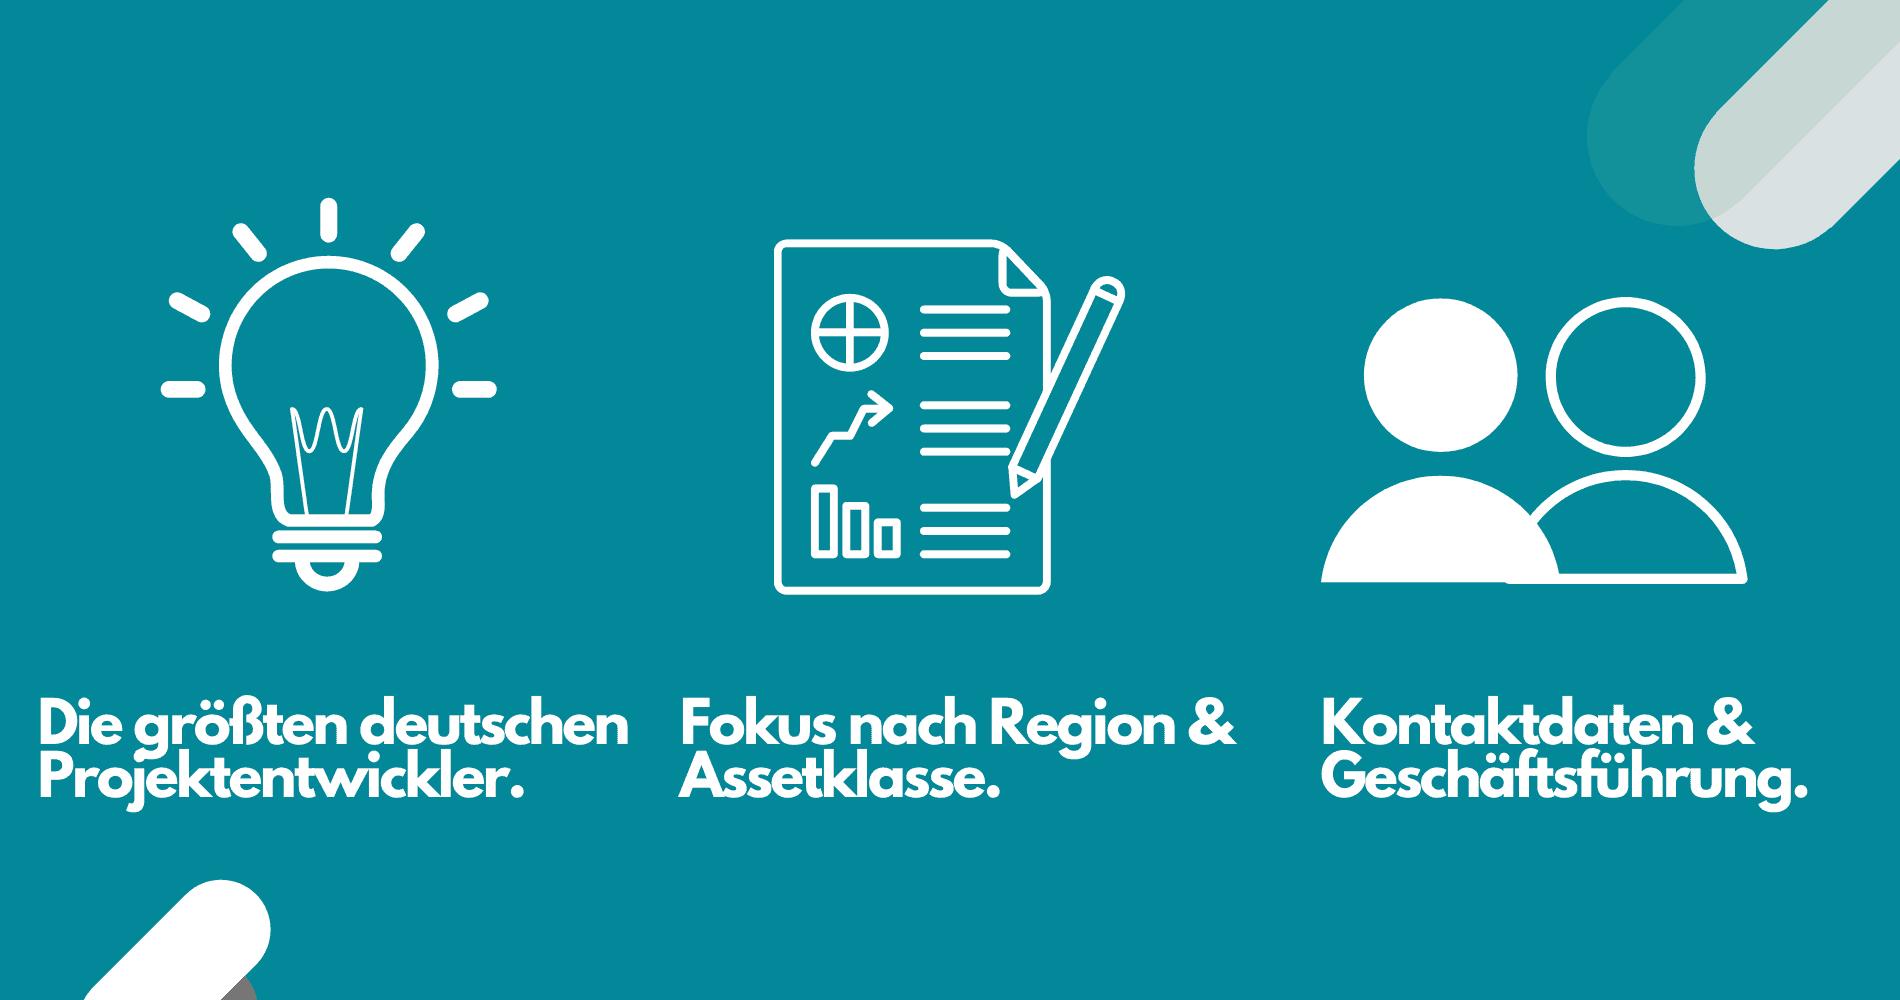 Daten Projektentwickler Deutschland Listenchampion